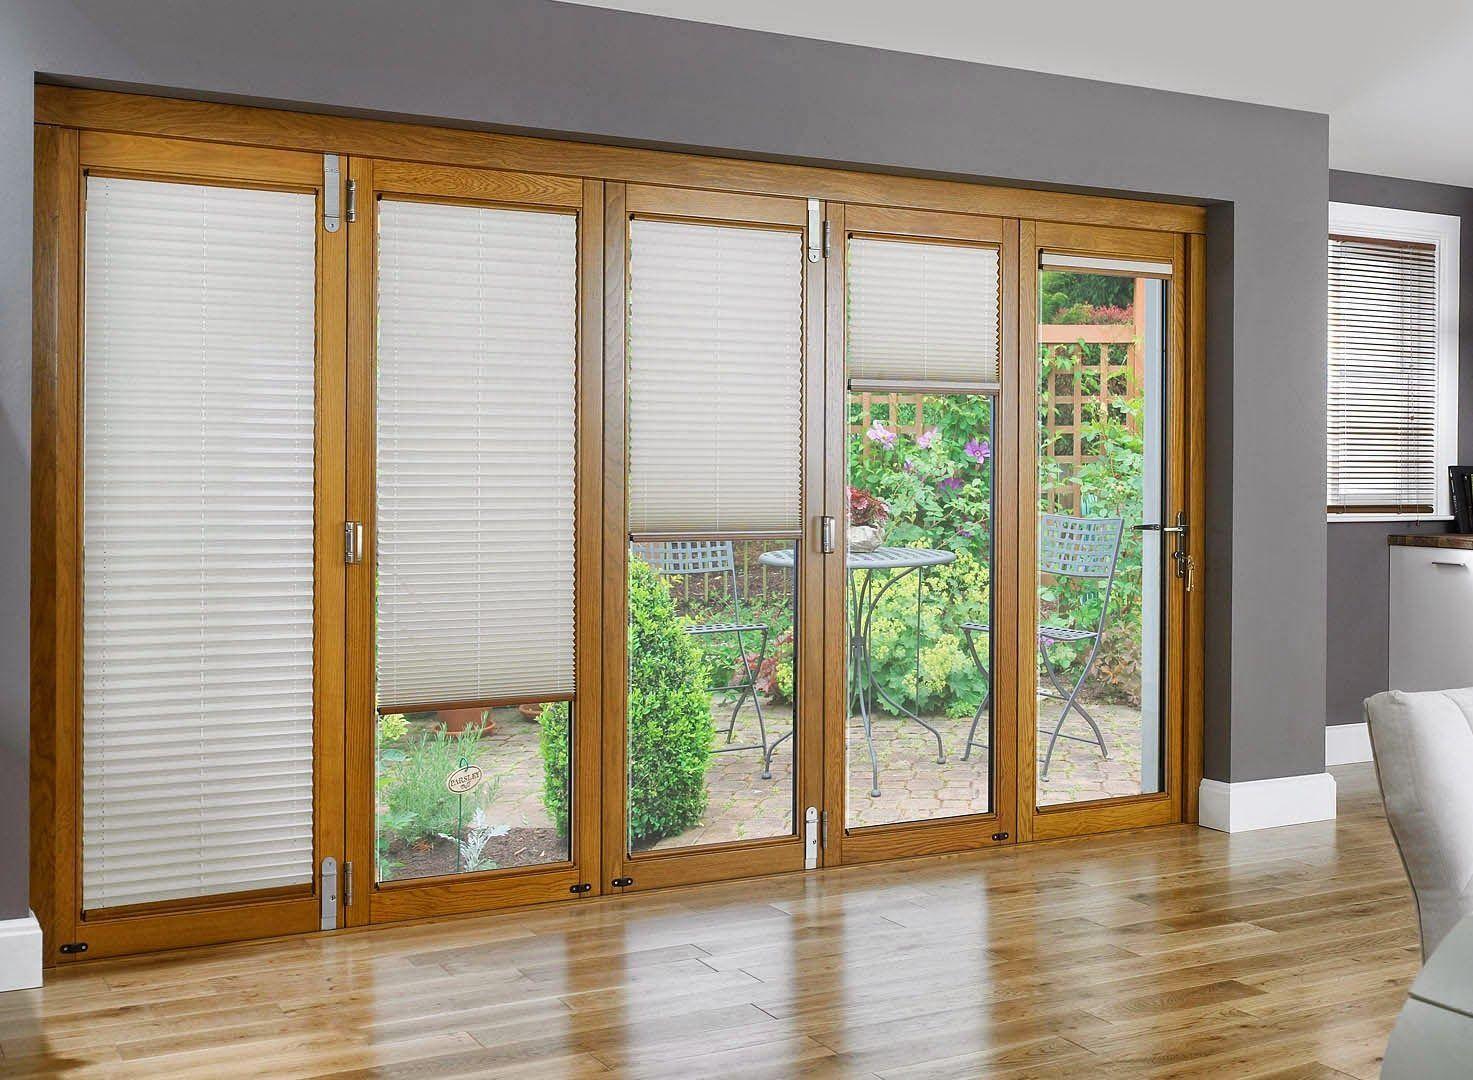 Window coverings for sliders  door blinds  doors